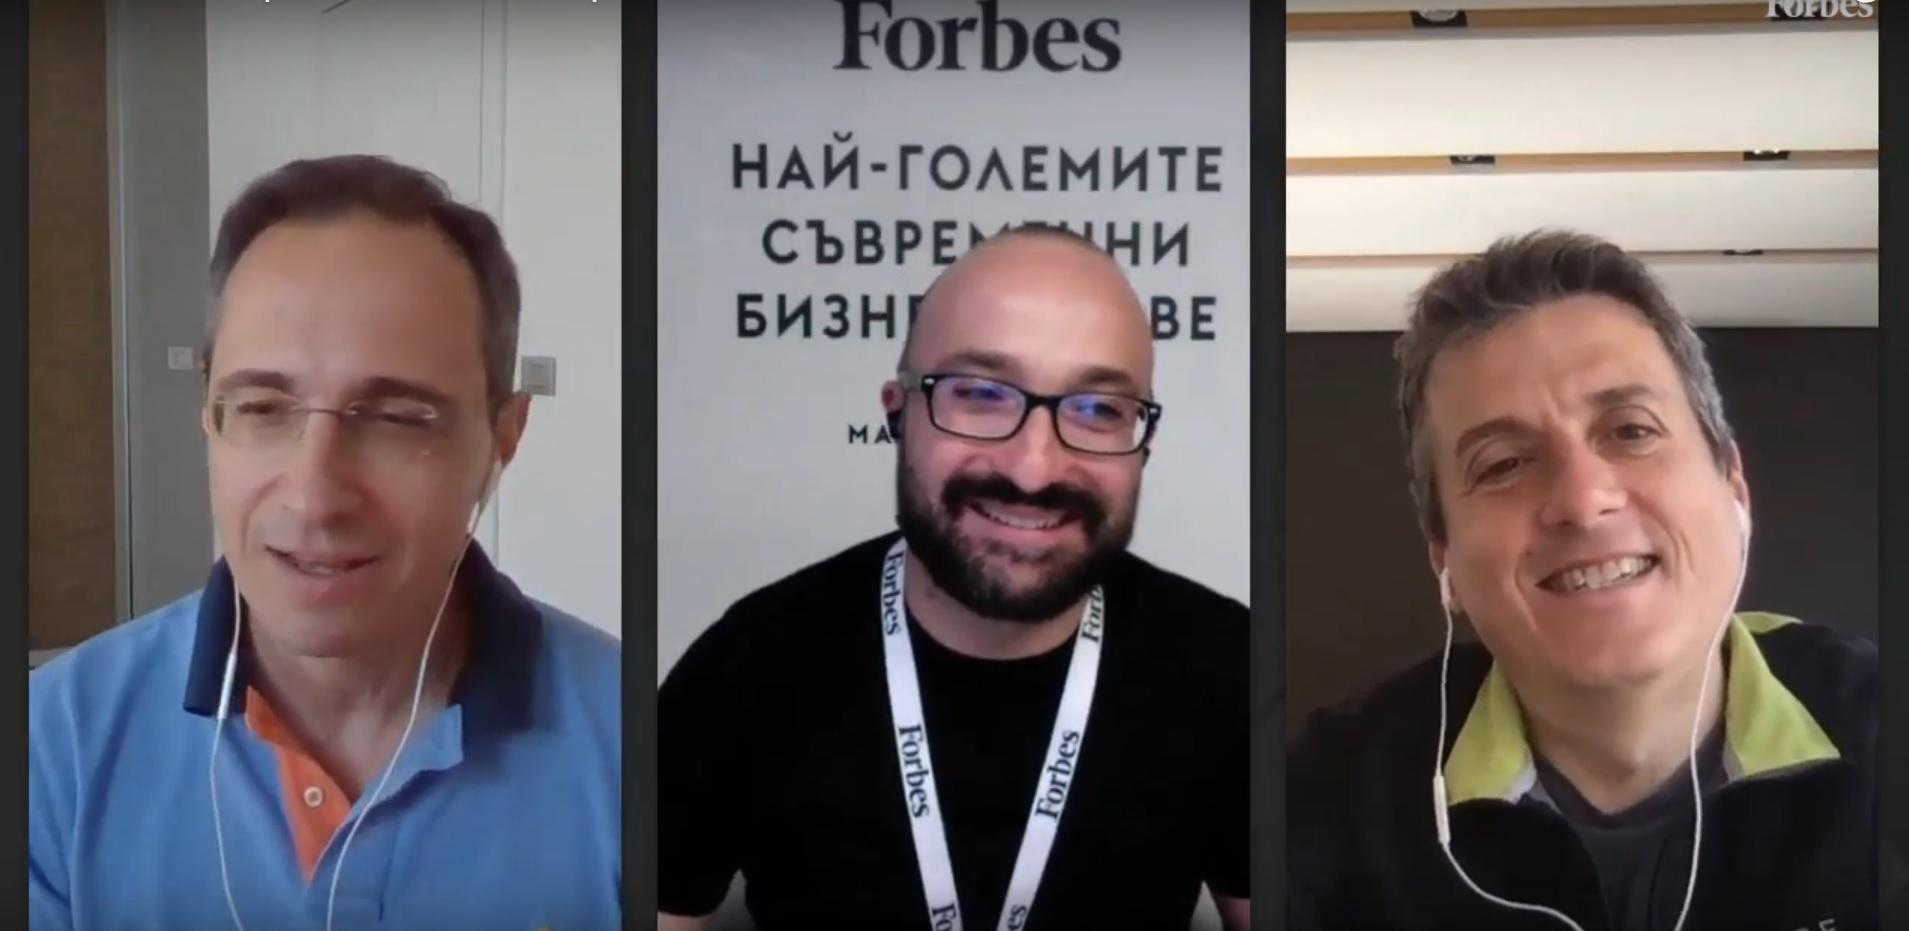 Forbes Live! Стартъп екосистема на ръба